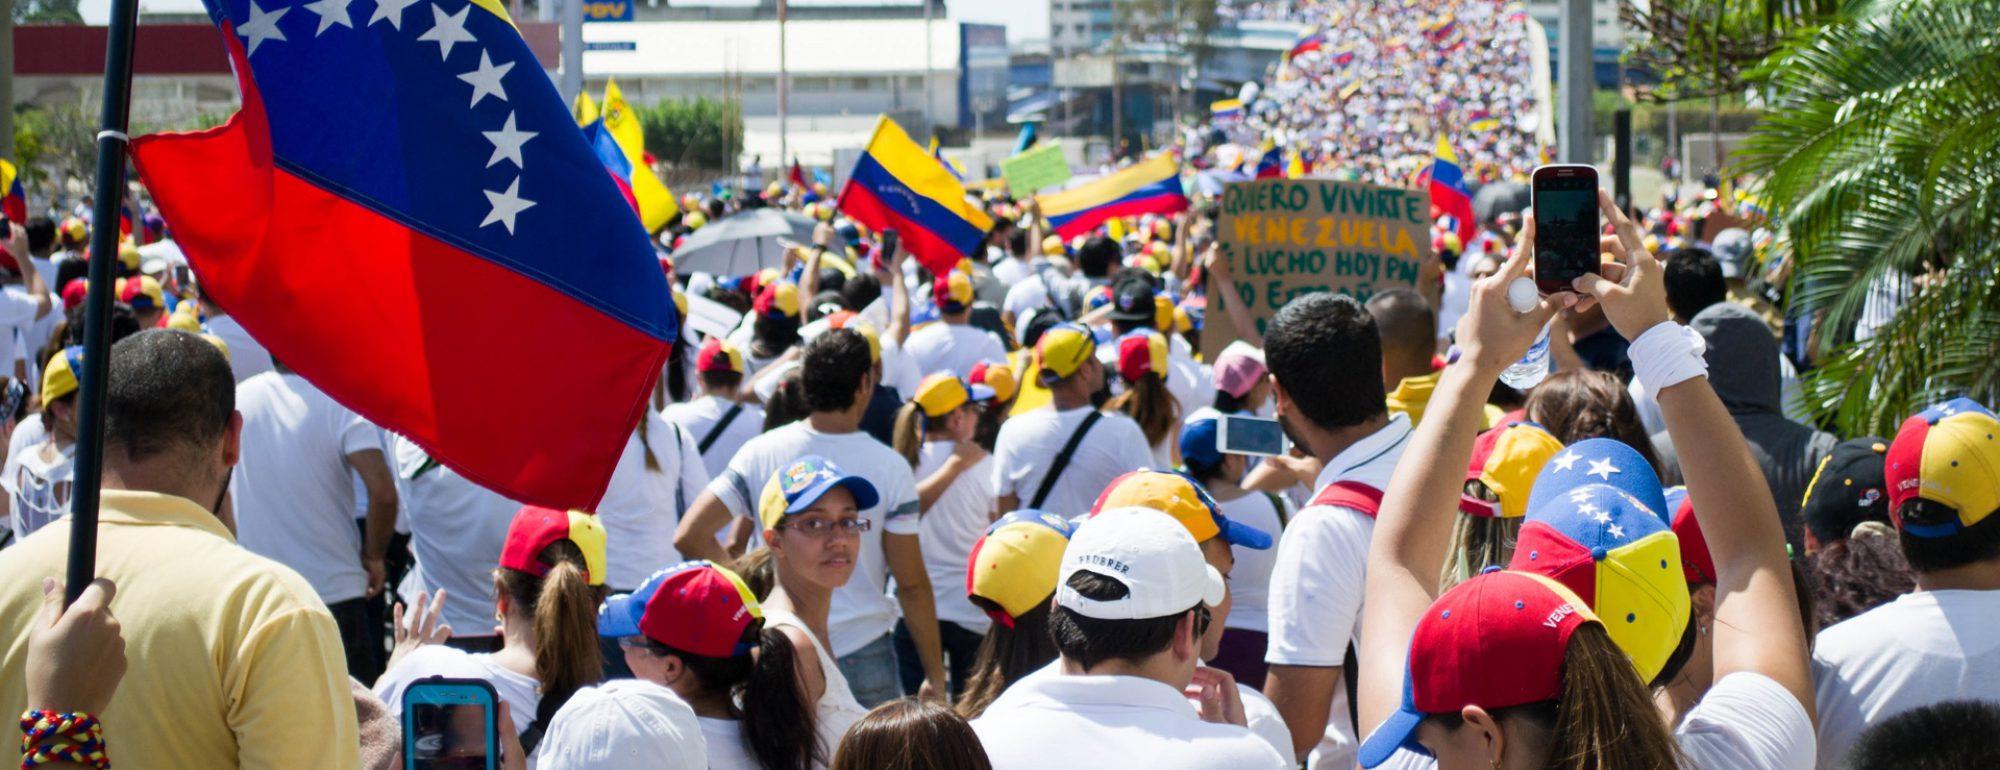 Crisis humanitaria venezolana